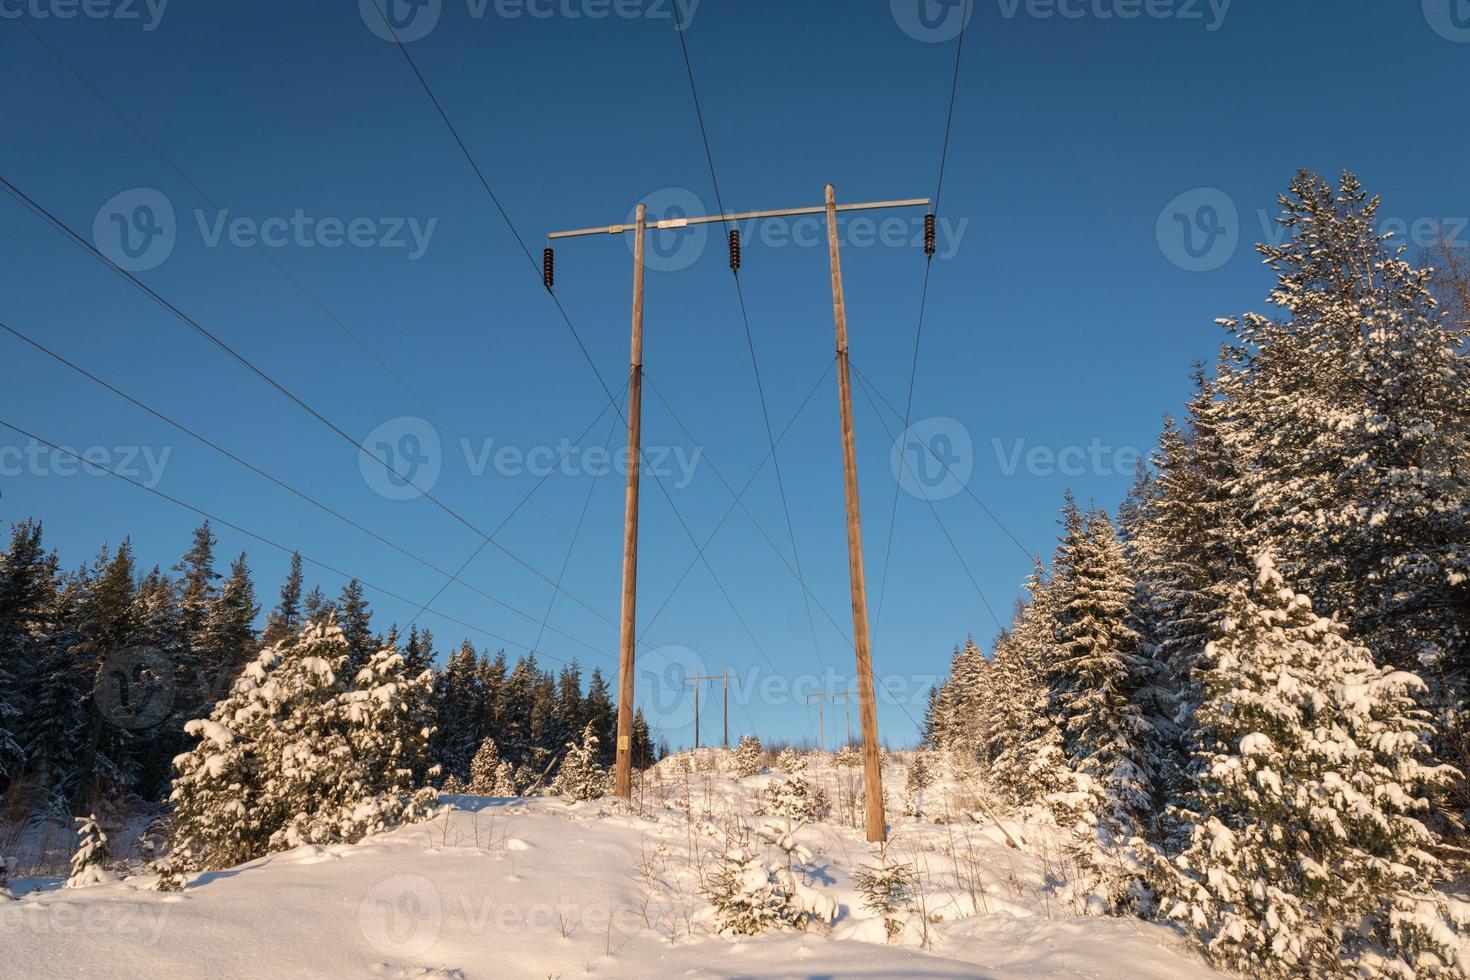 hoogspanningsleidingen in een besneeuwd en zonnig winterlandschap foto